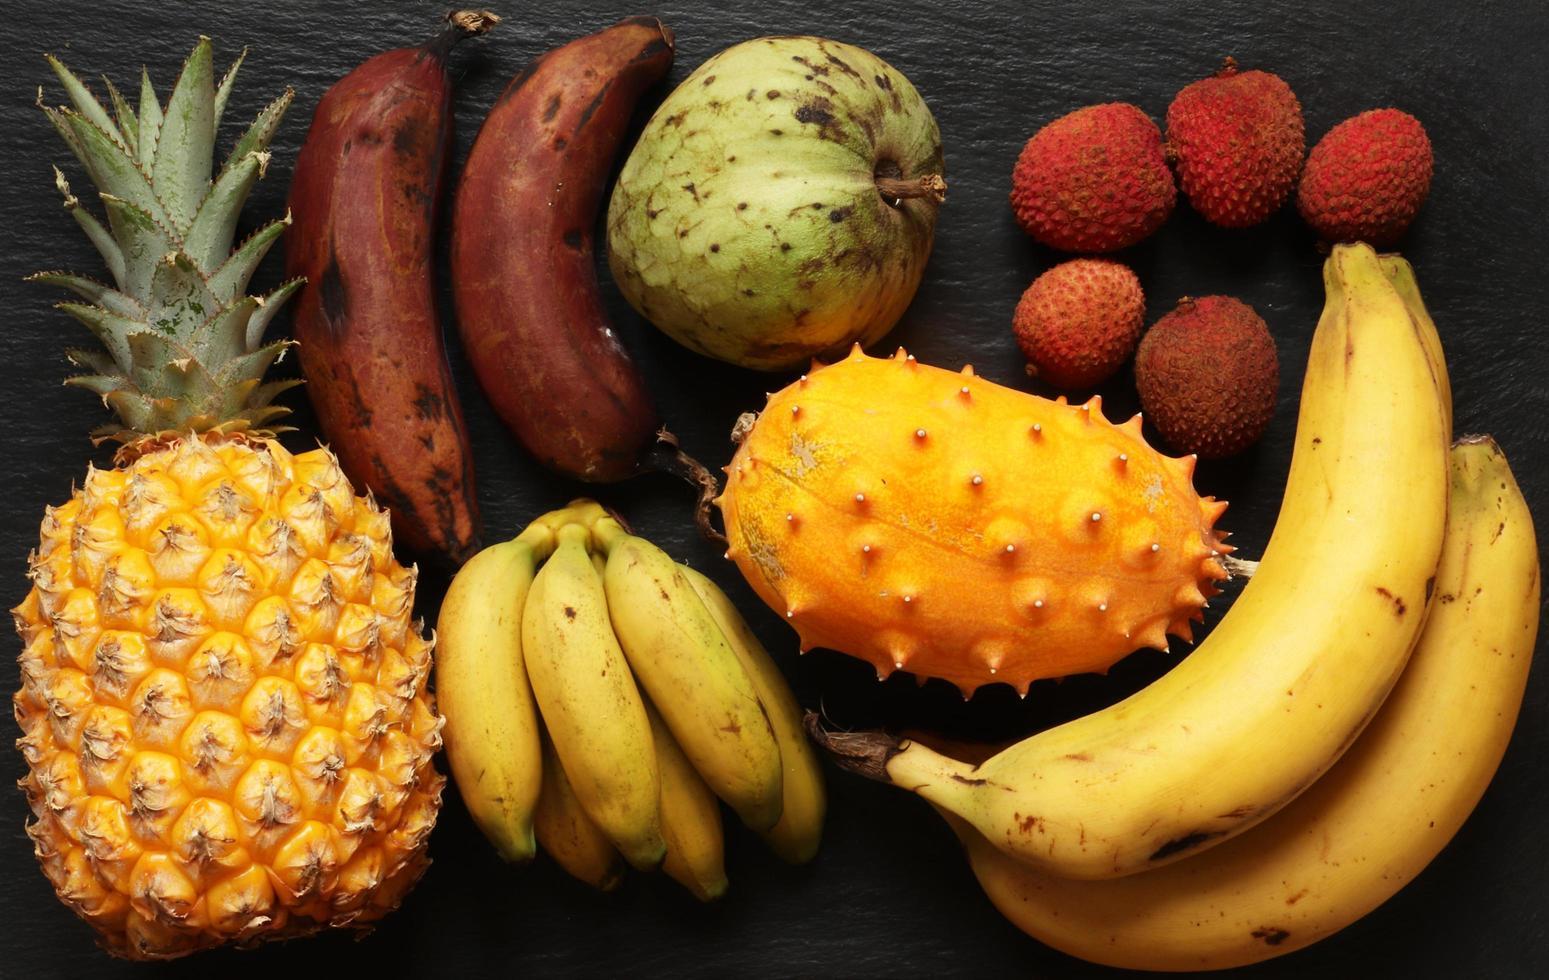 foto di diversi frutti tropicali su sfondo di ardesia per l'illustrazione di cibo